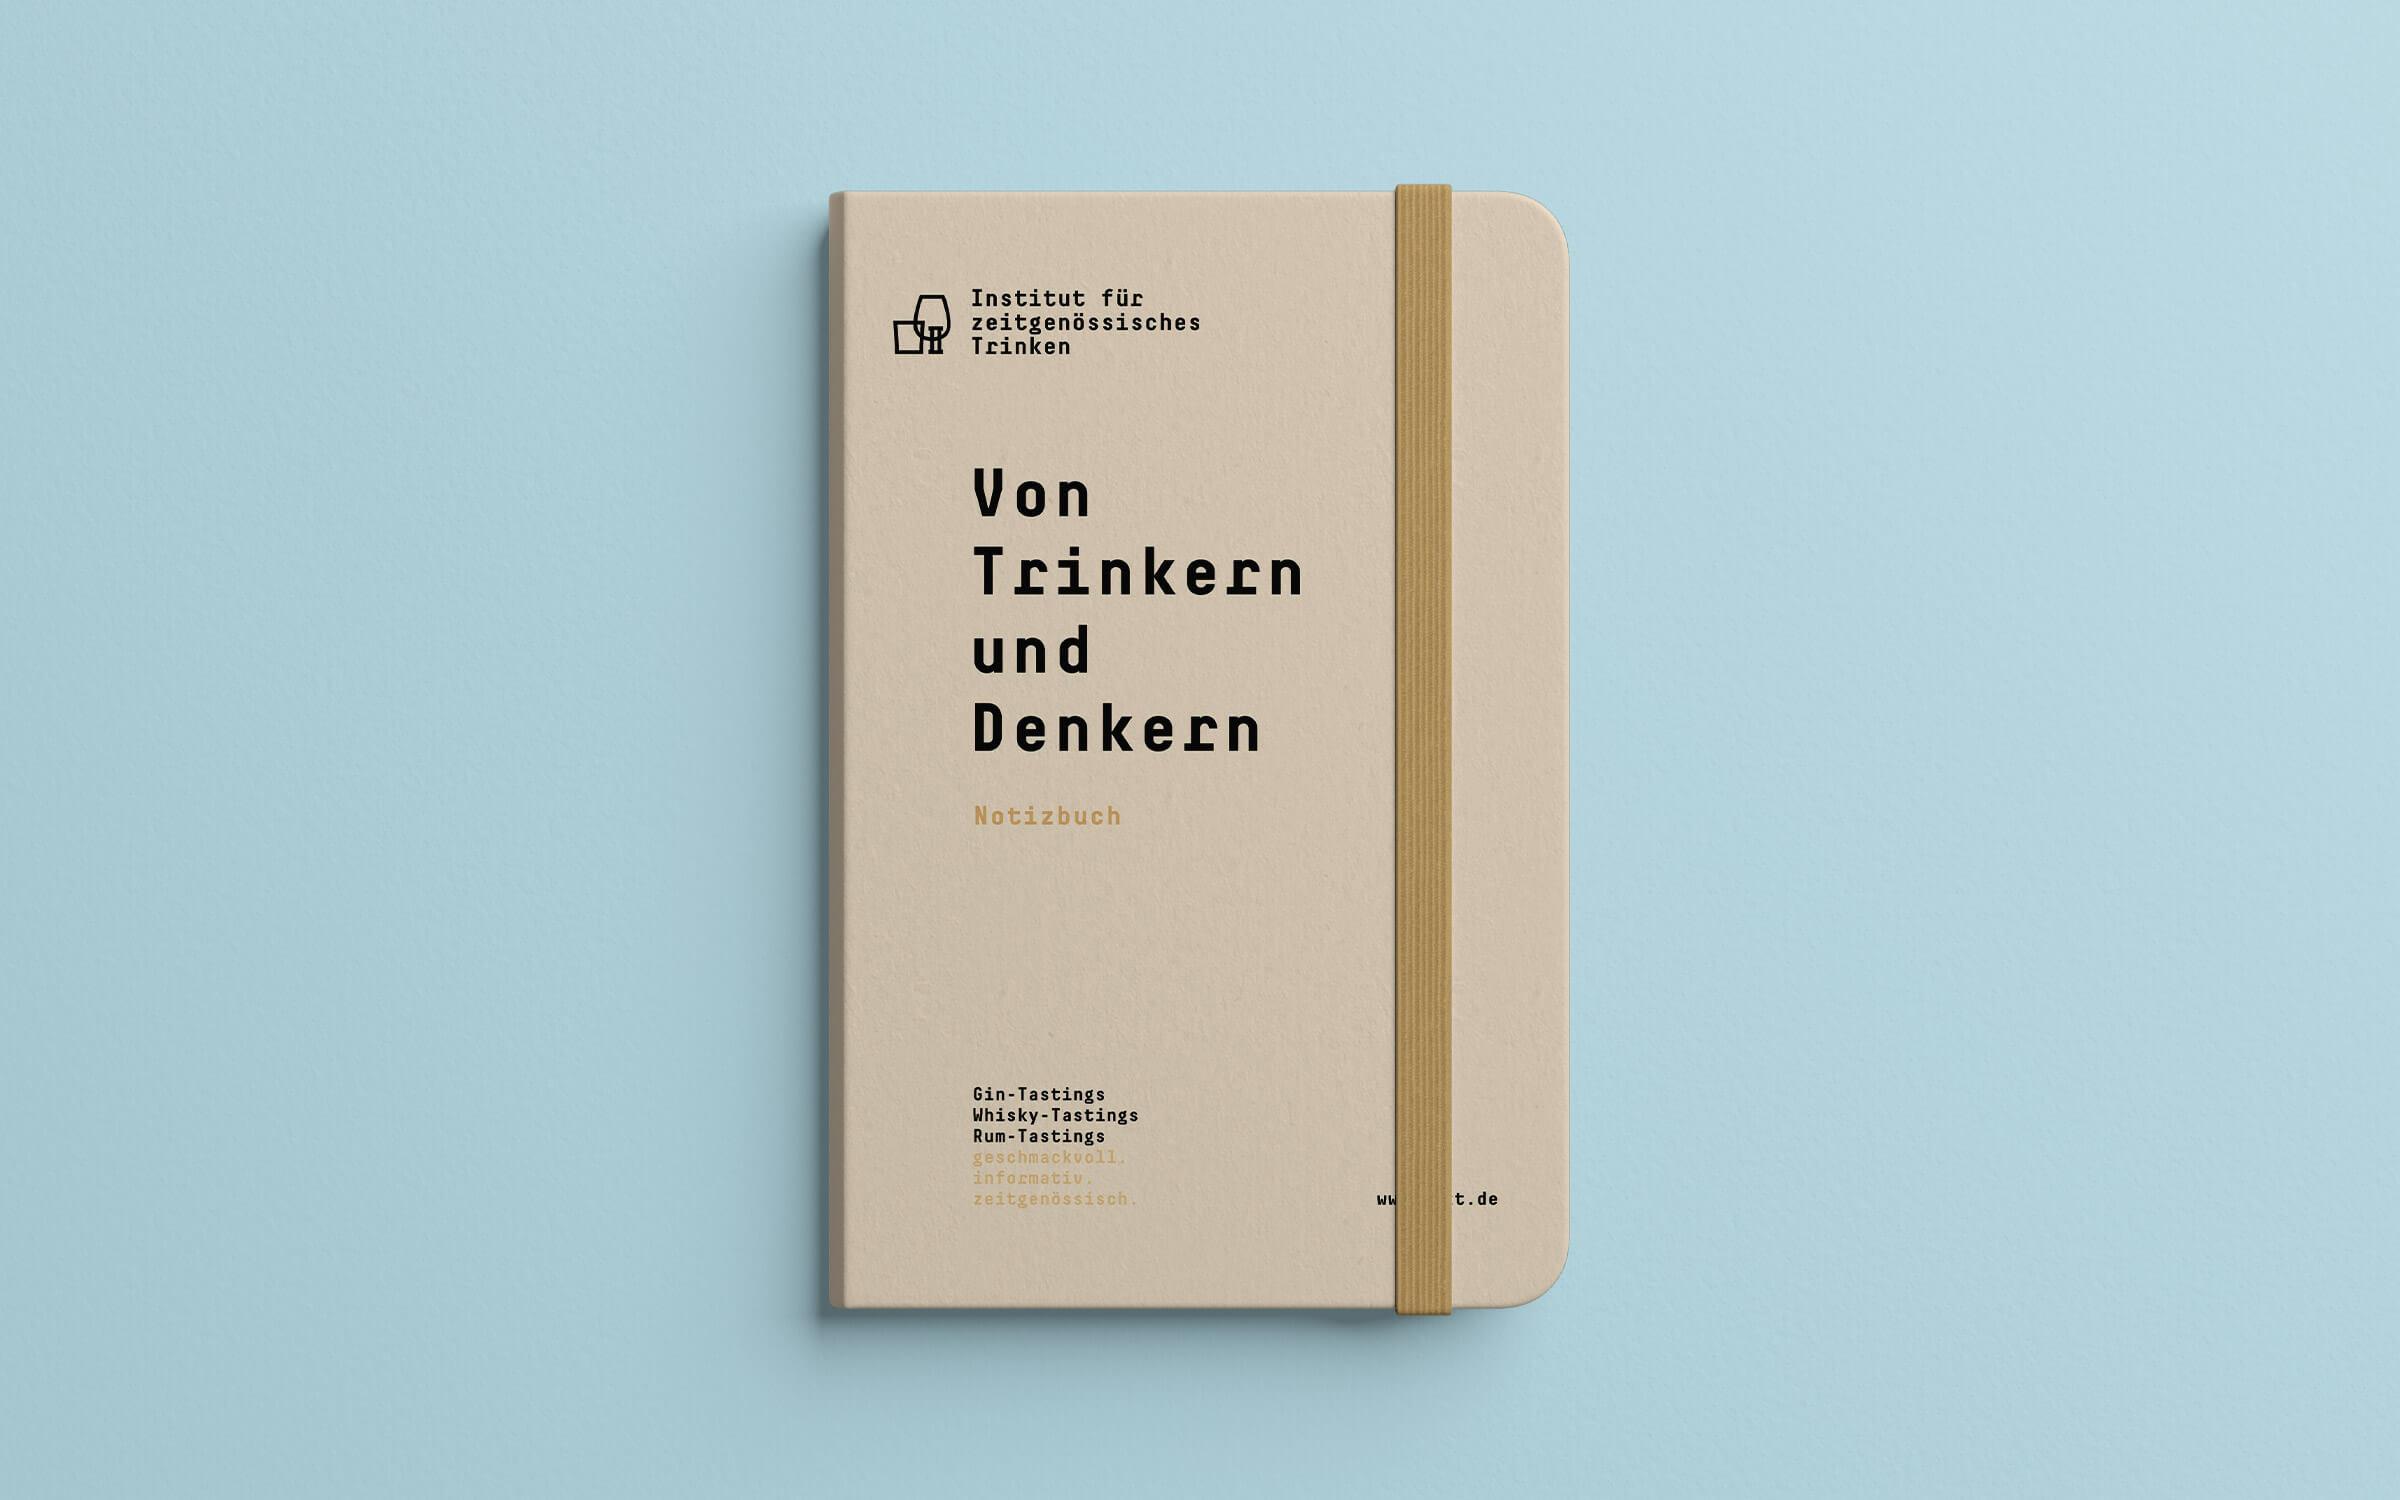 Institut für zeitgenössisches Trinken – Notizbuch